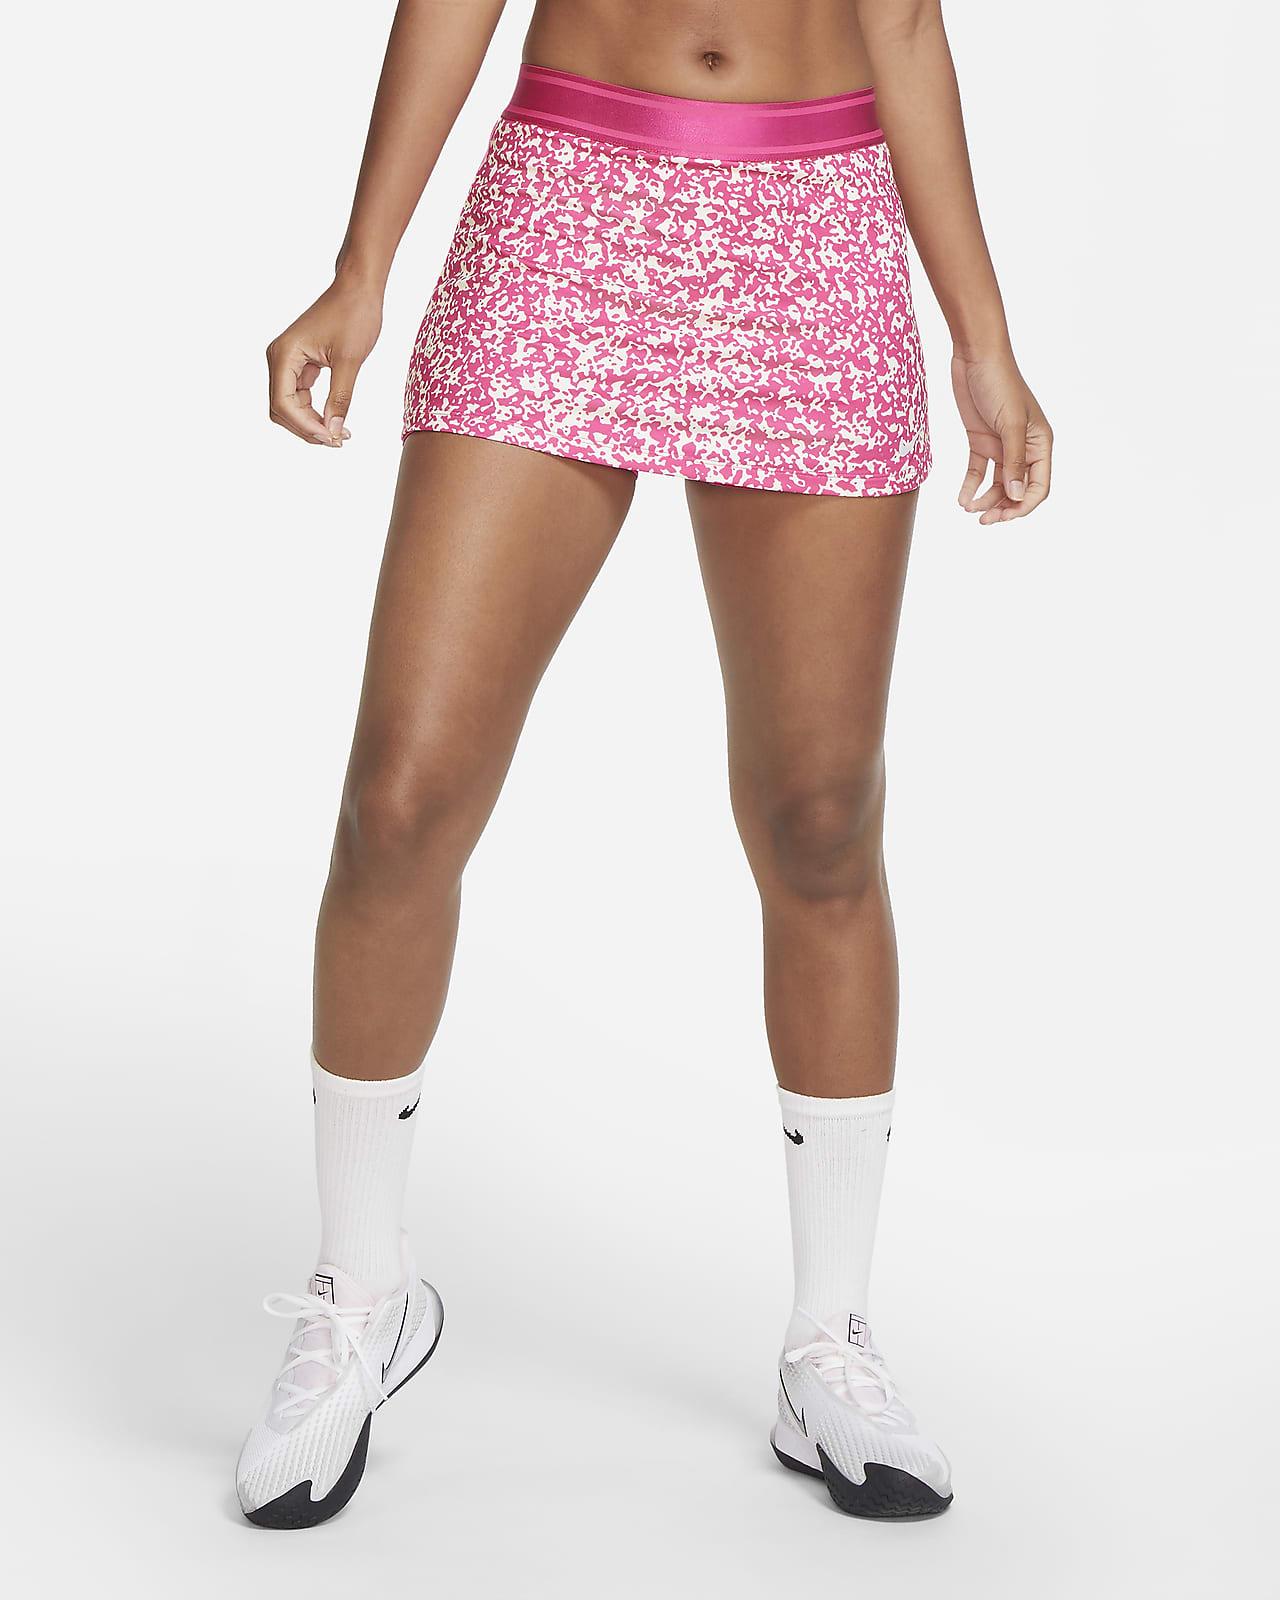 NikeCourt Dri-FIT Tennisrok met print